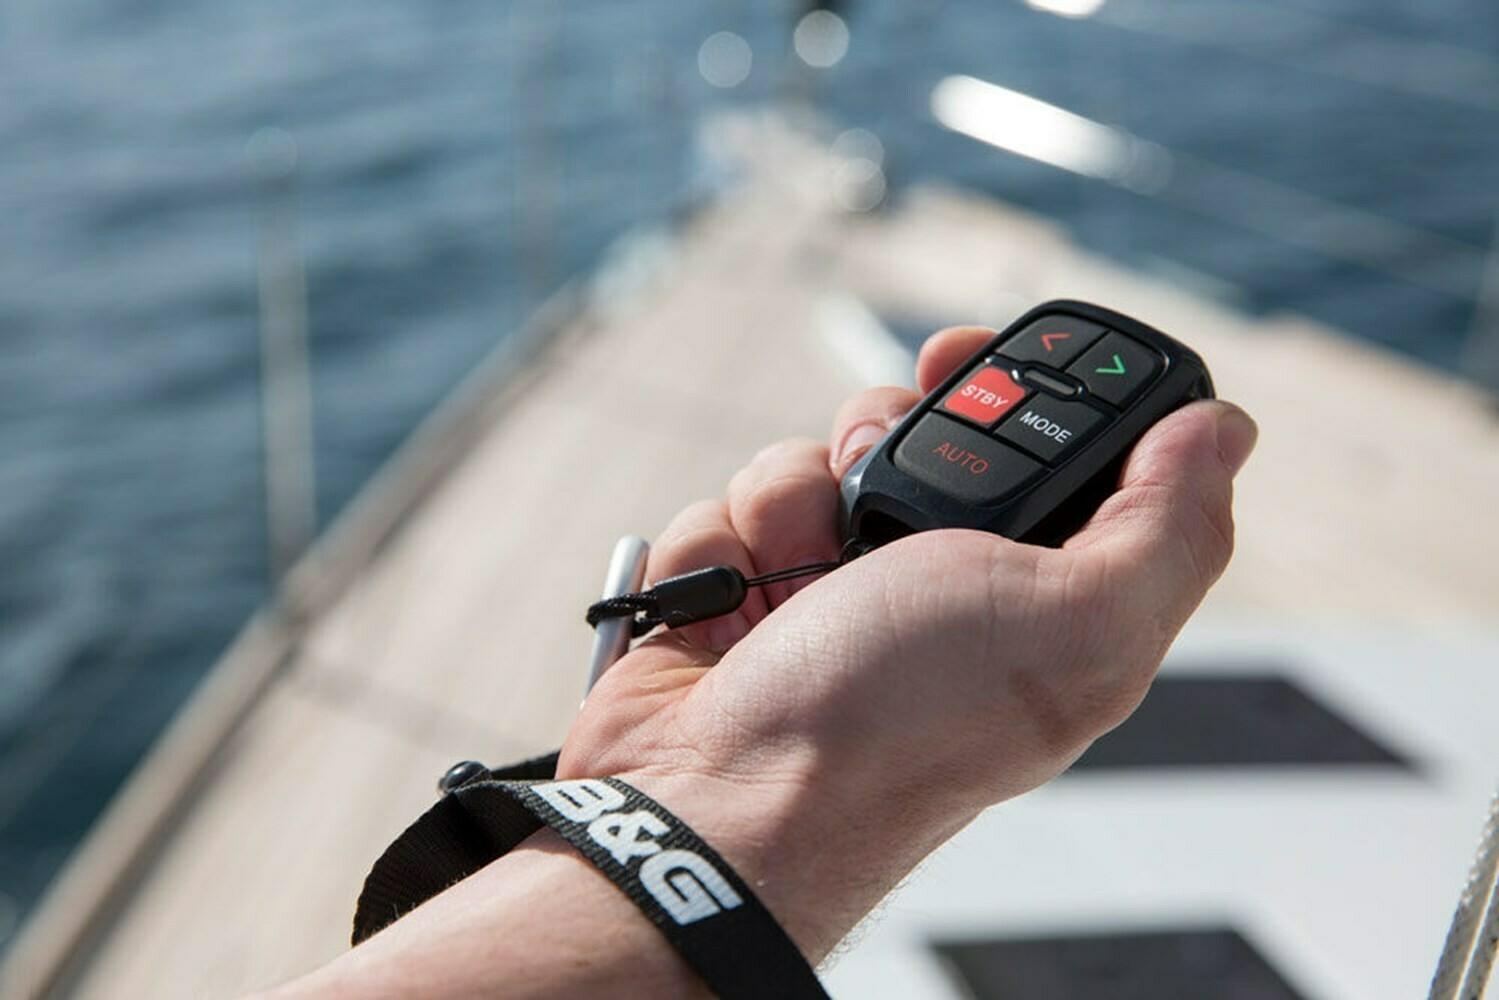 WR10 Autopilot remote and base station, Пульт дистанционного управления автопилотом с базовой станцией